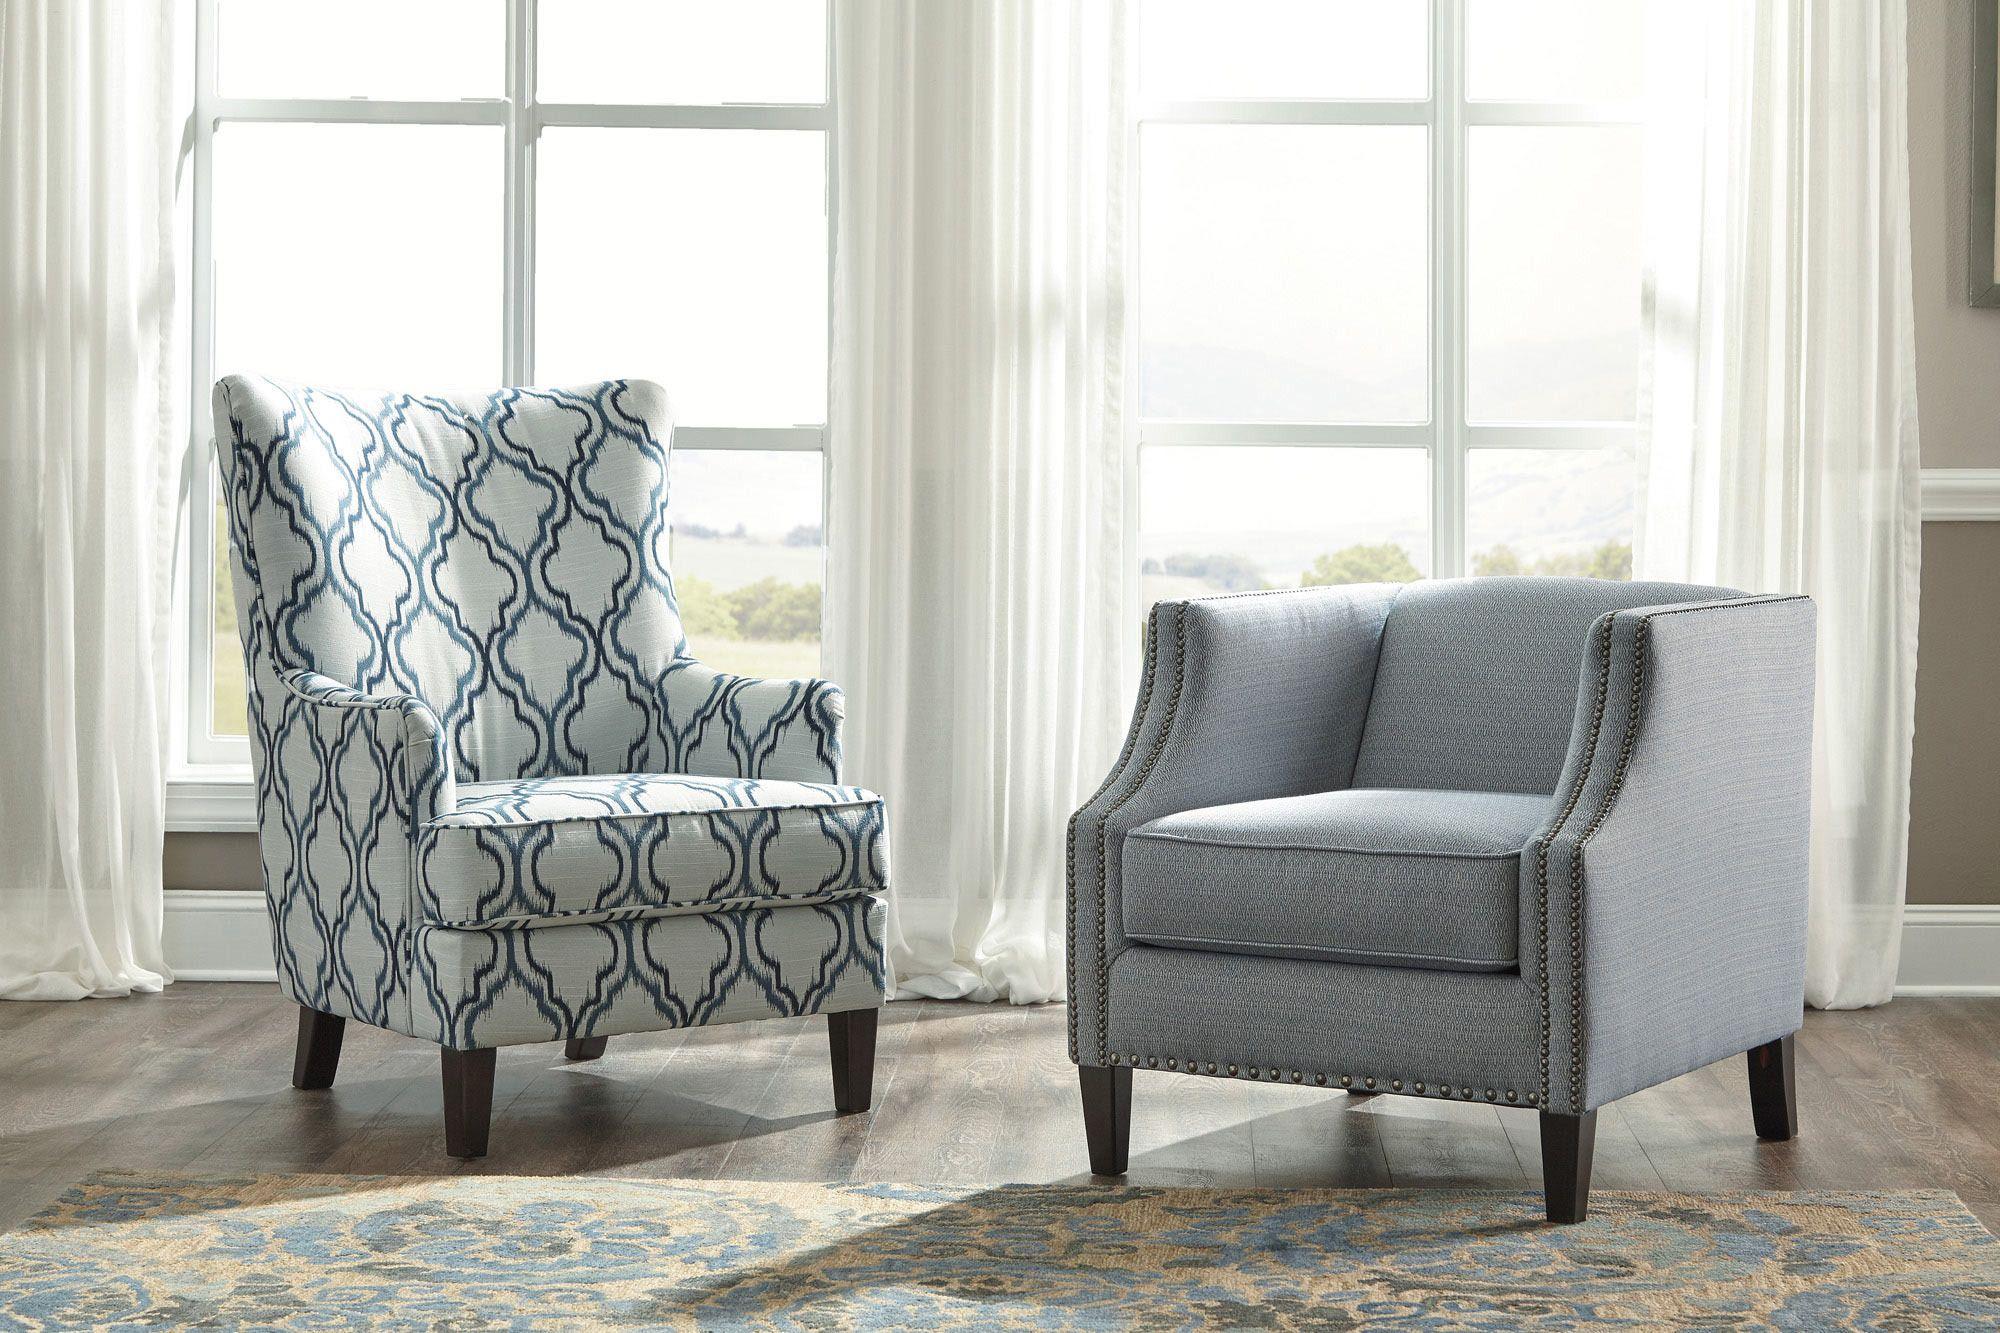 Benchcraft furniture benchcraft furniture and sofa set